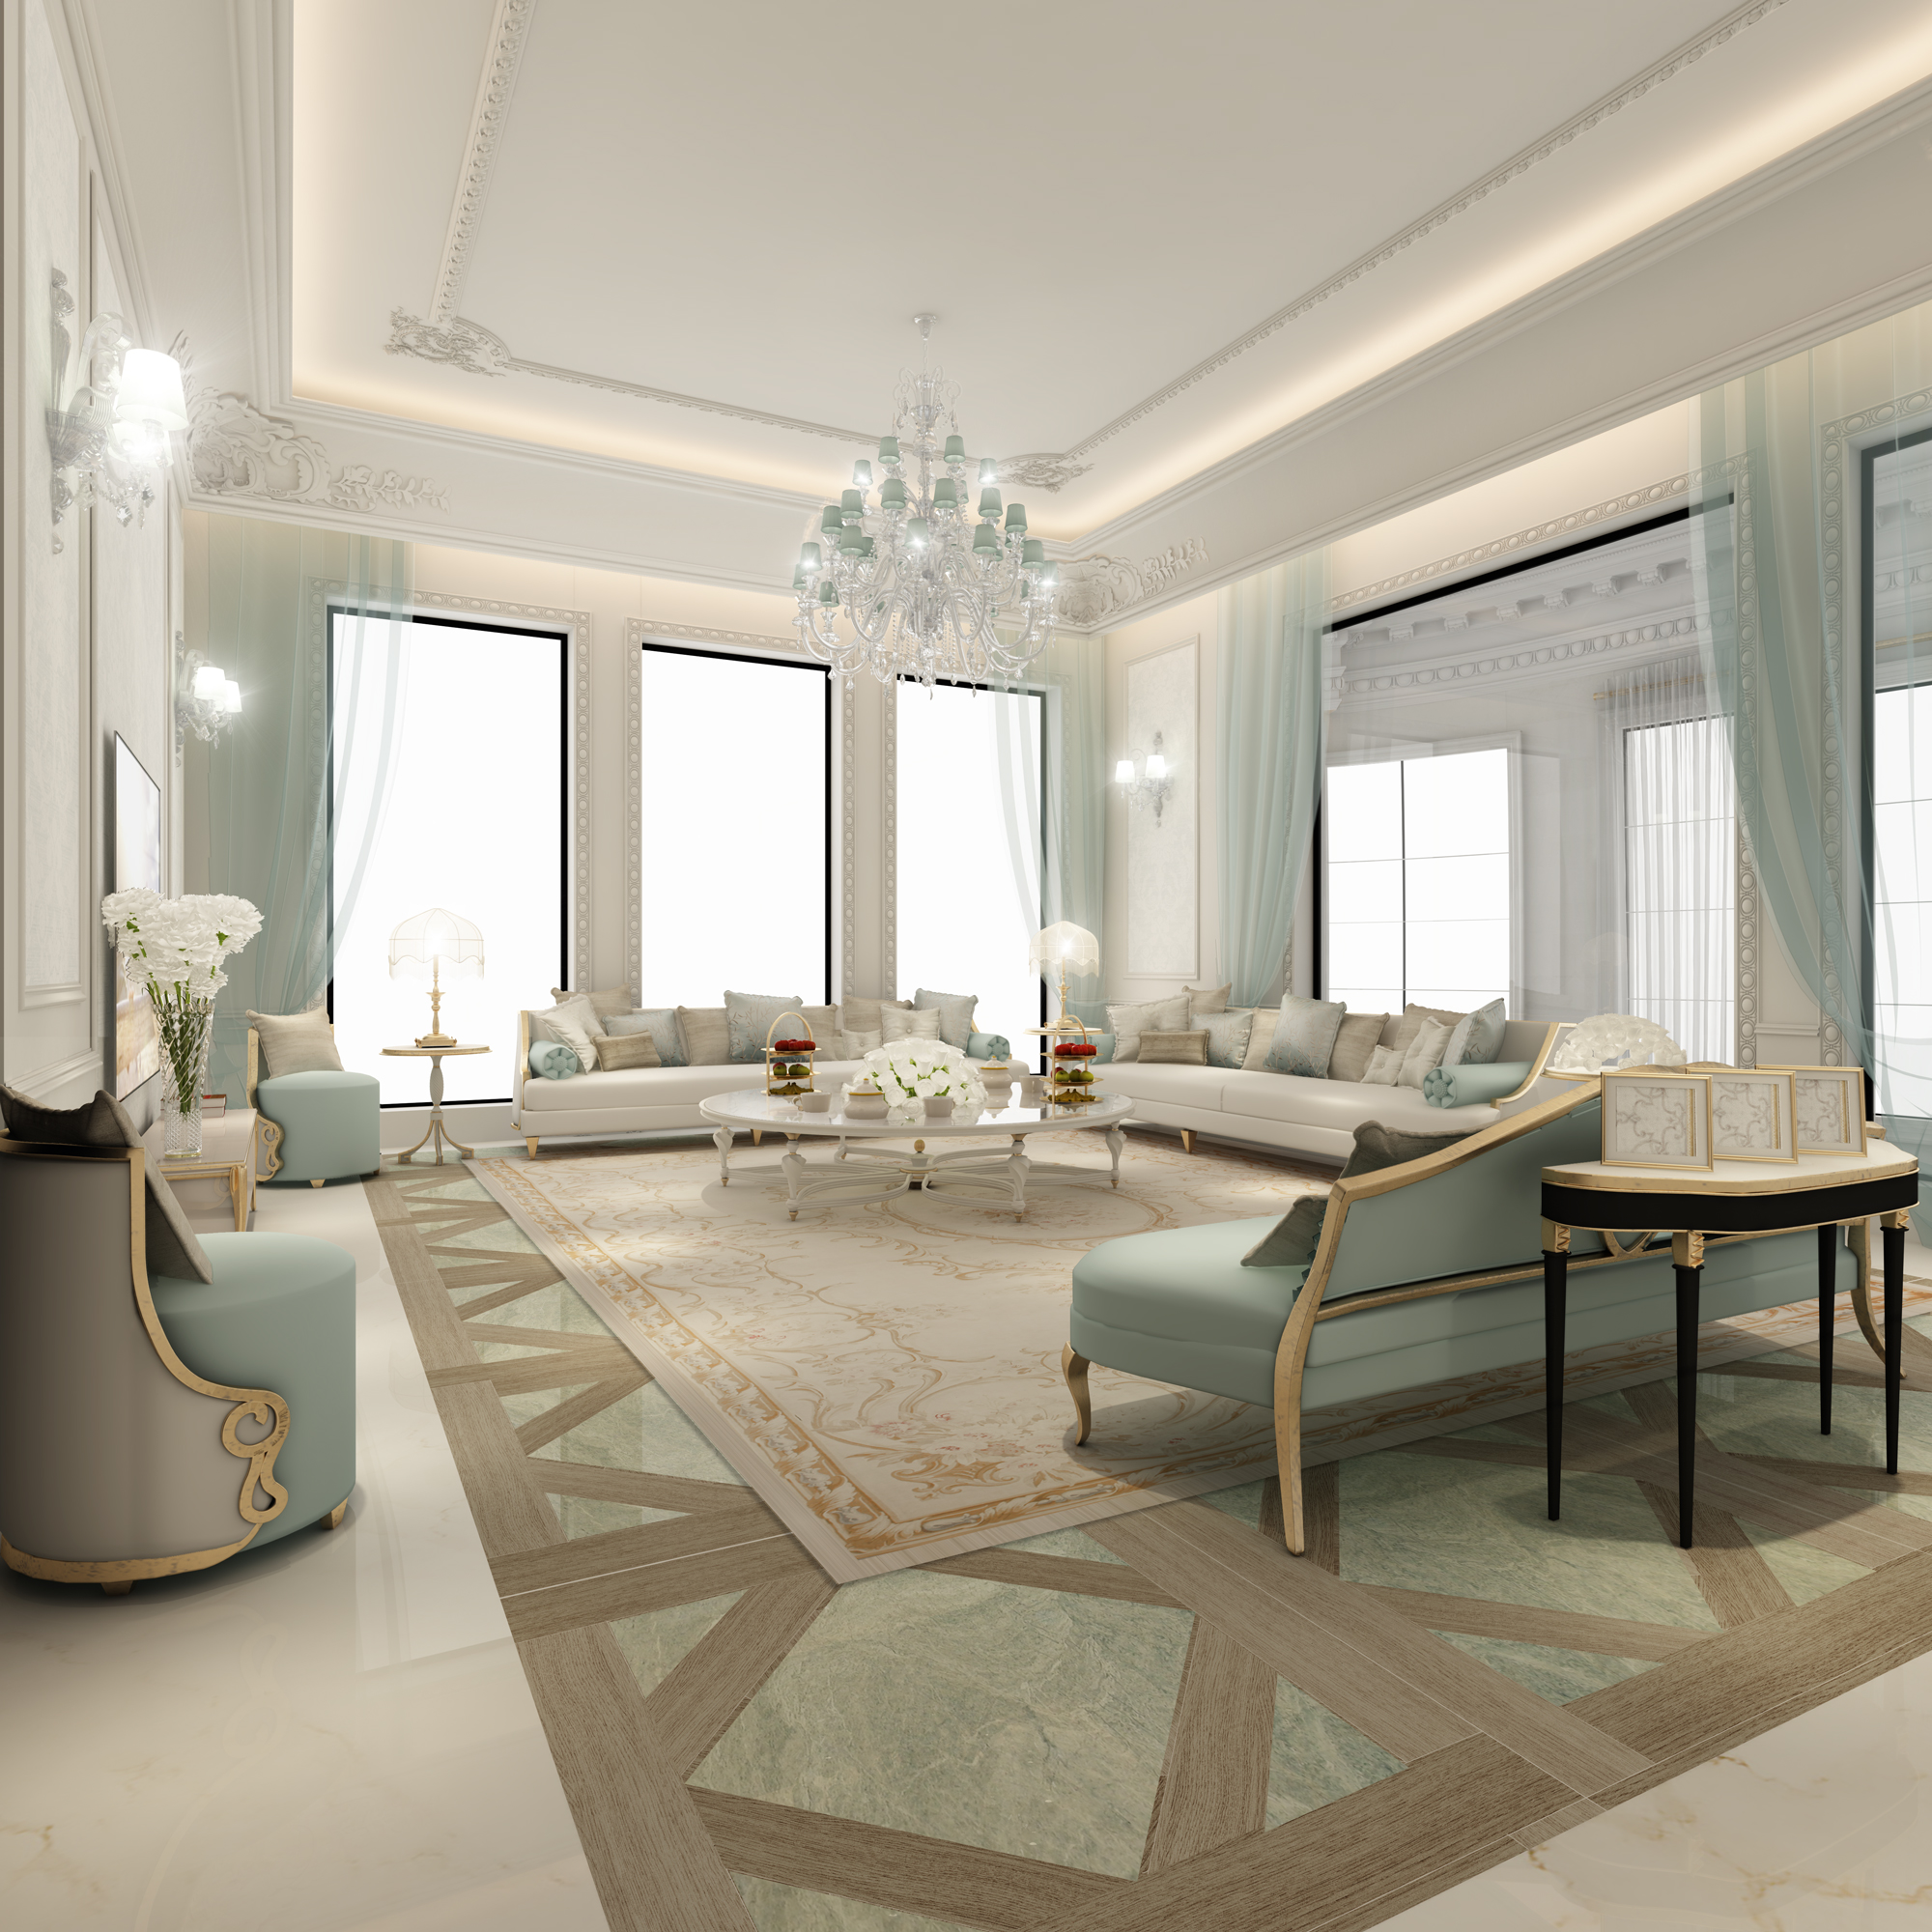 Parisian Living Room Ie-design-dubai